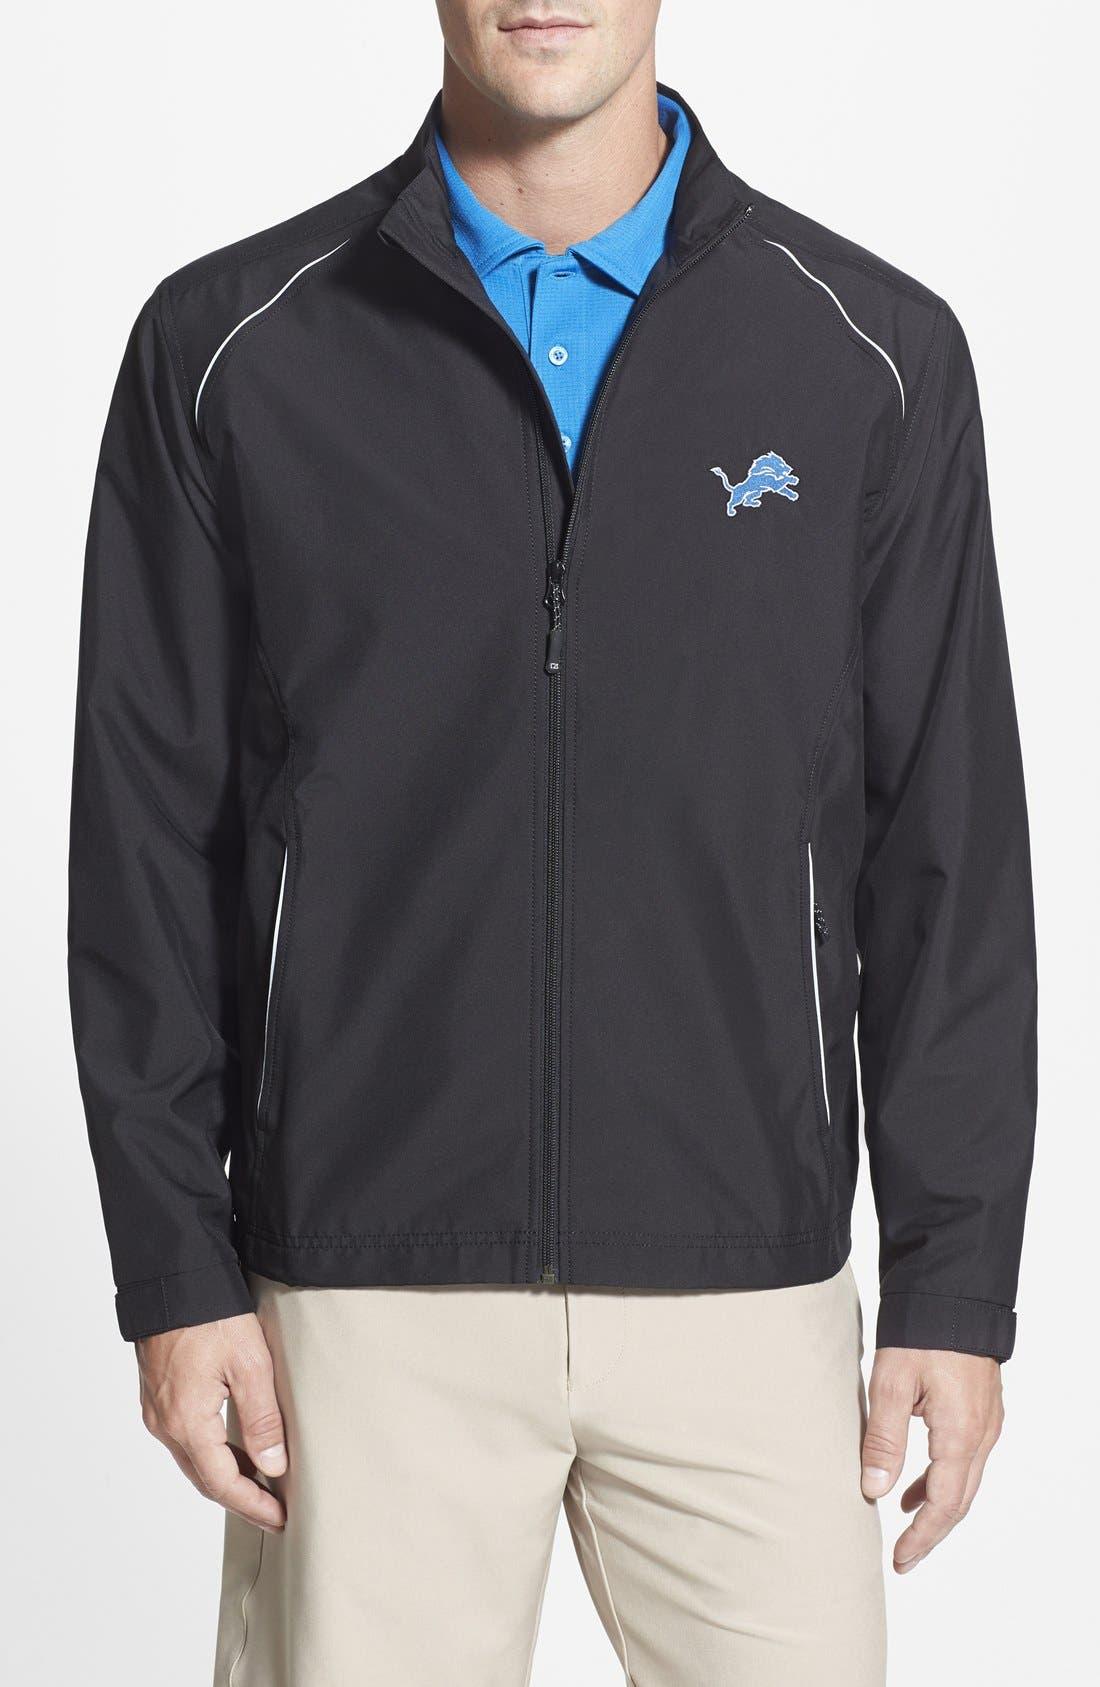 Detroit Lions - Beacon WeatherTec Wind & Water Resistant Jacket,                             Main thumbnail 1, color,                             001